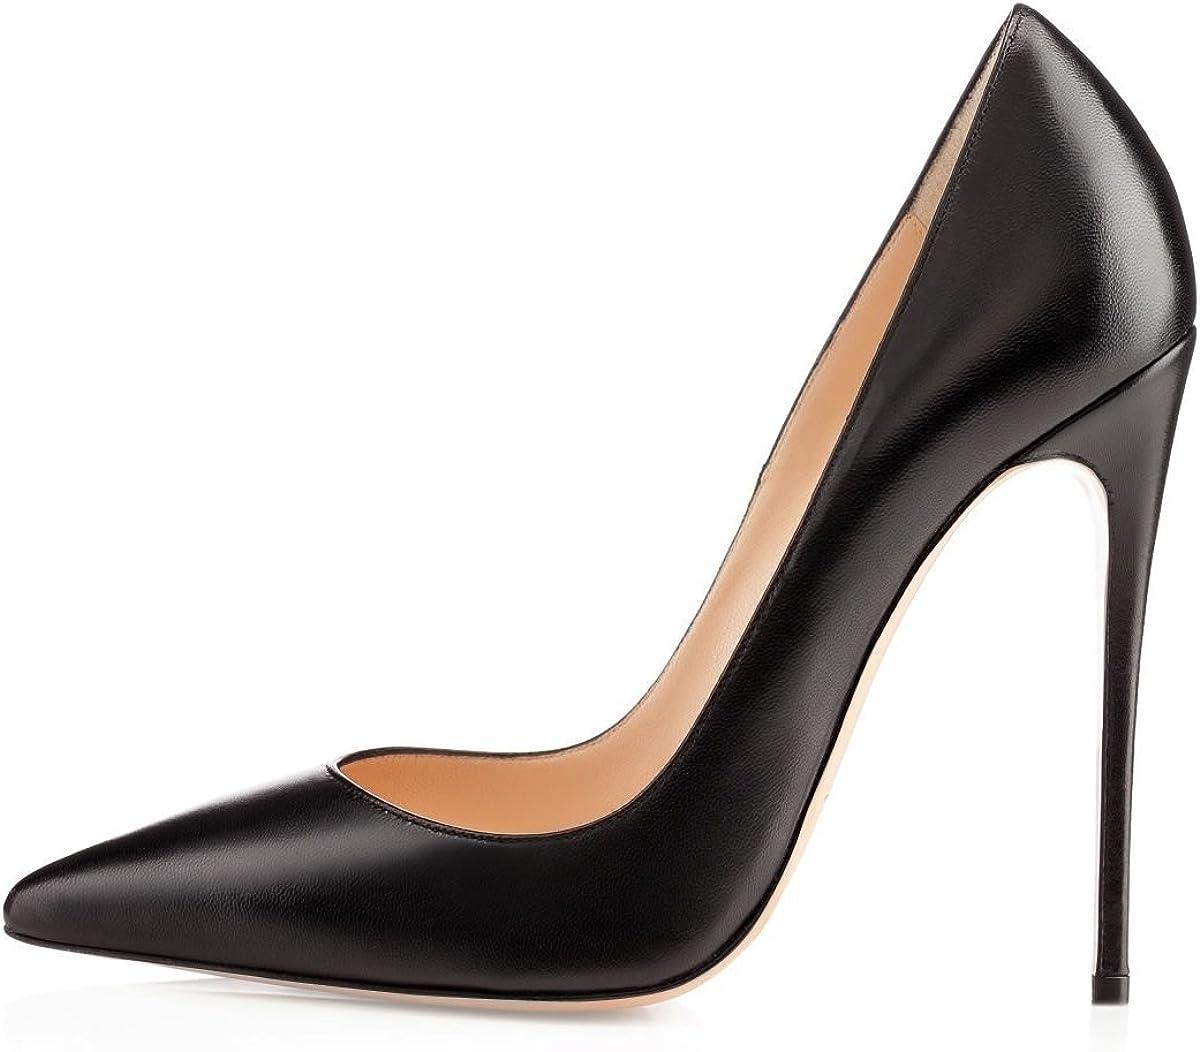 EDEFS Zapatos de Tacón para Mujer,Zapatos de Tacón Alto 12 CM